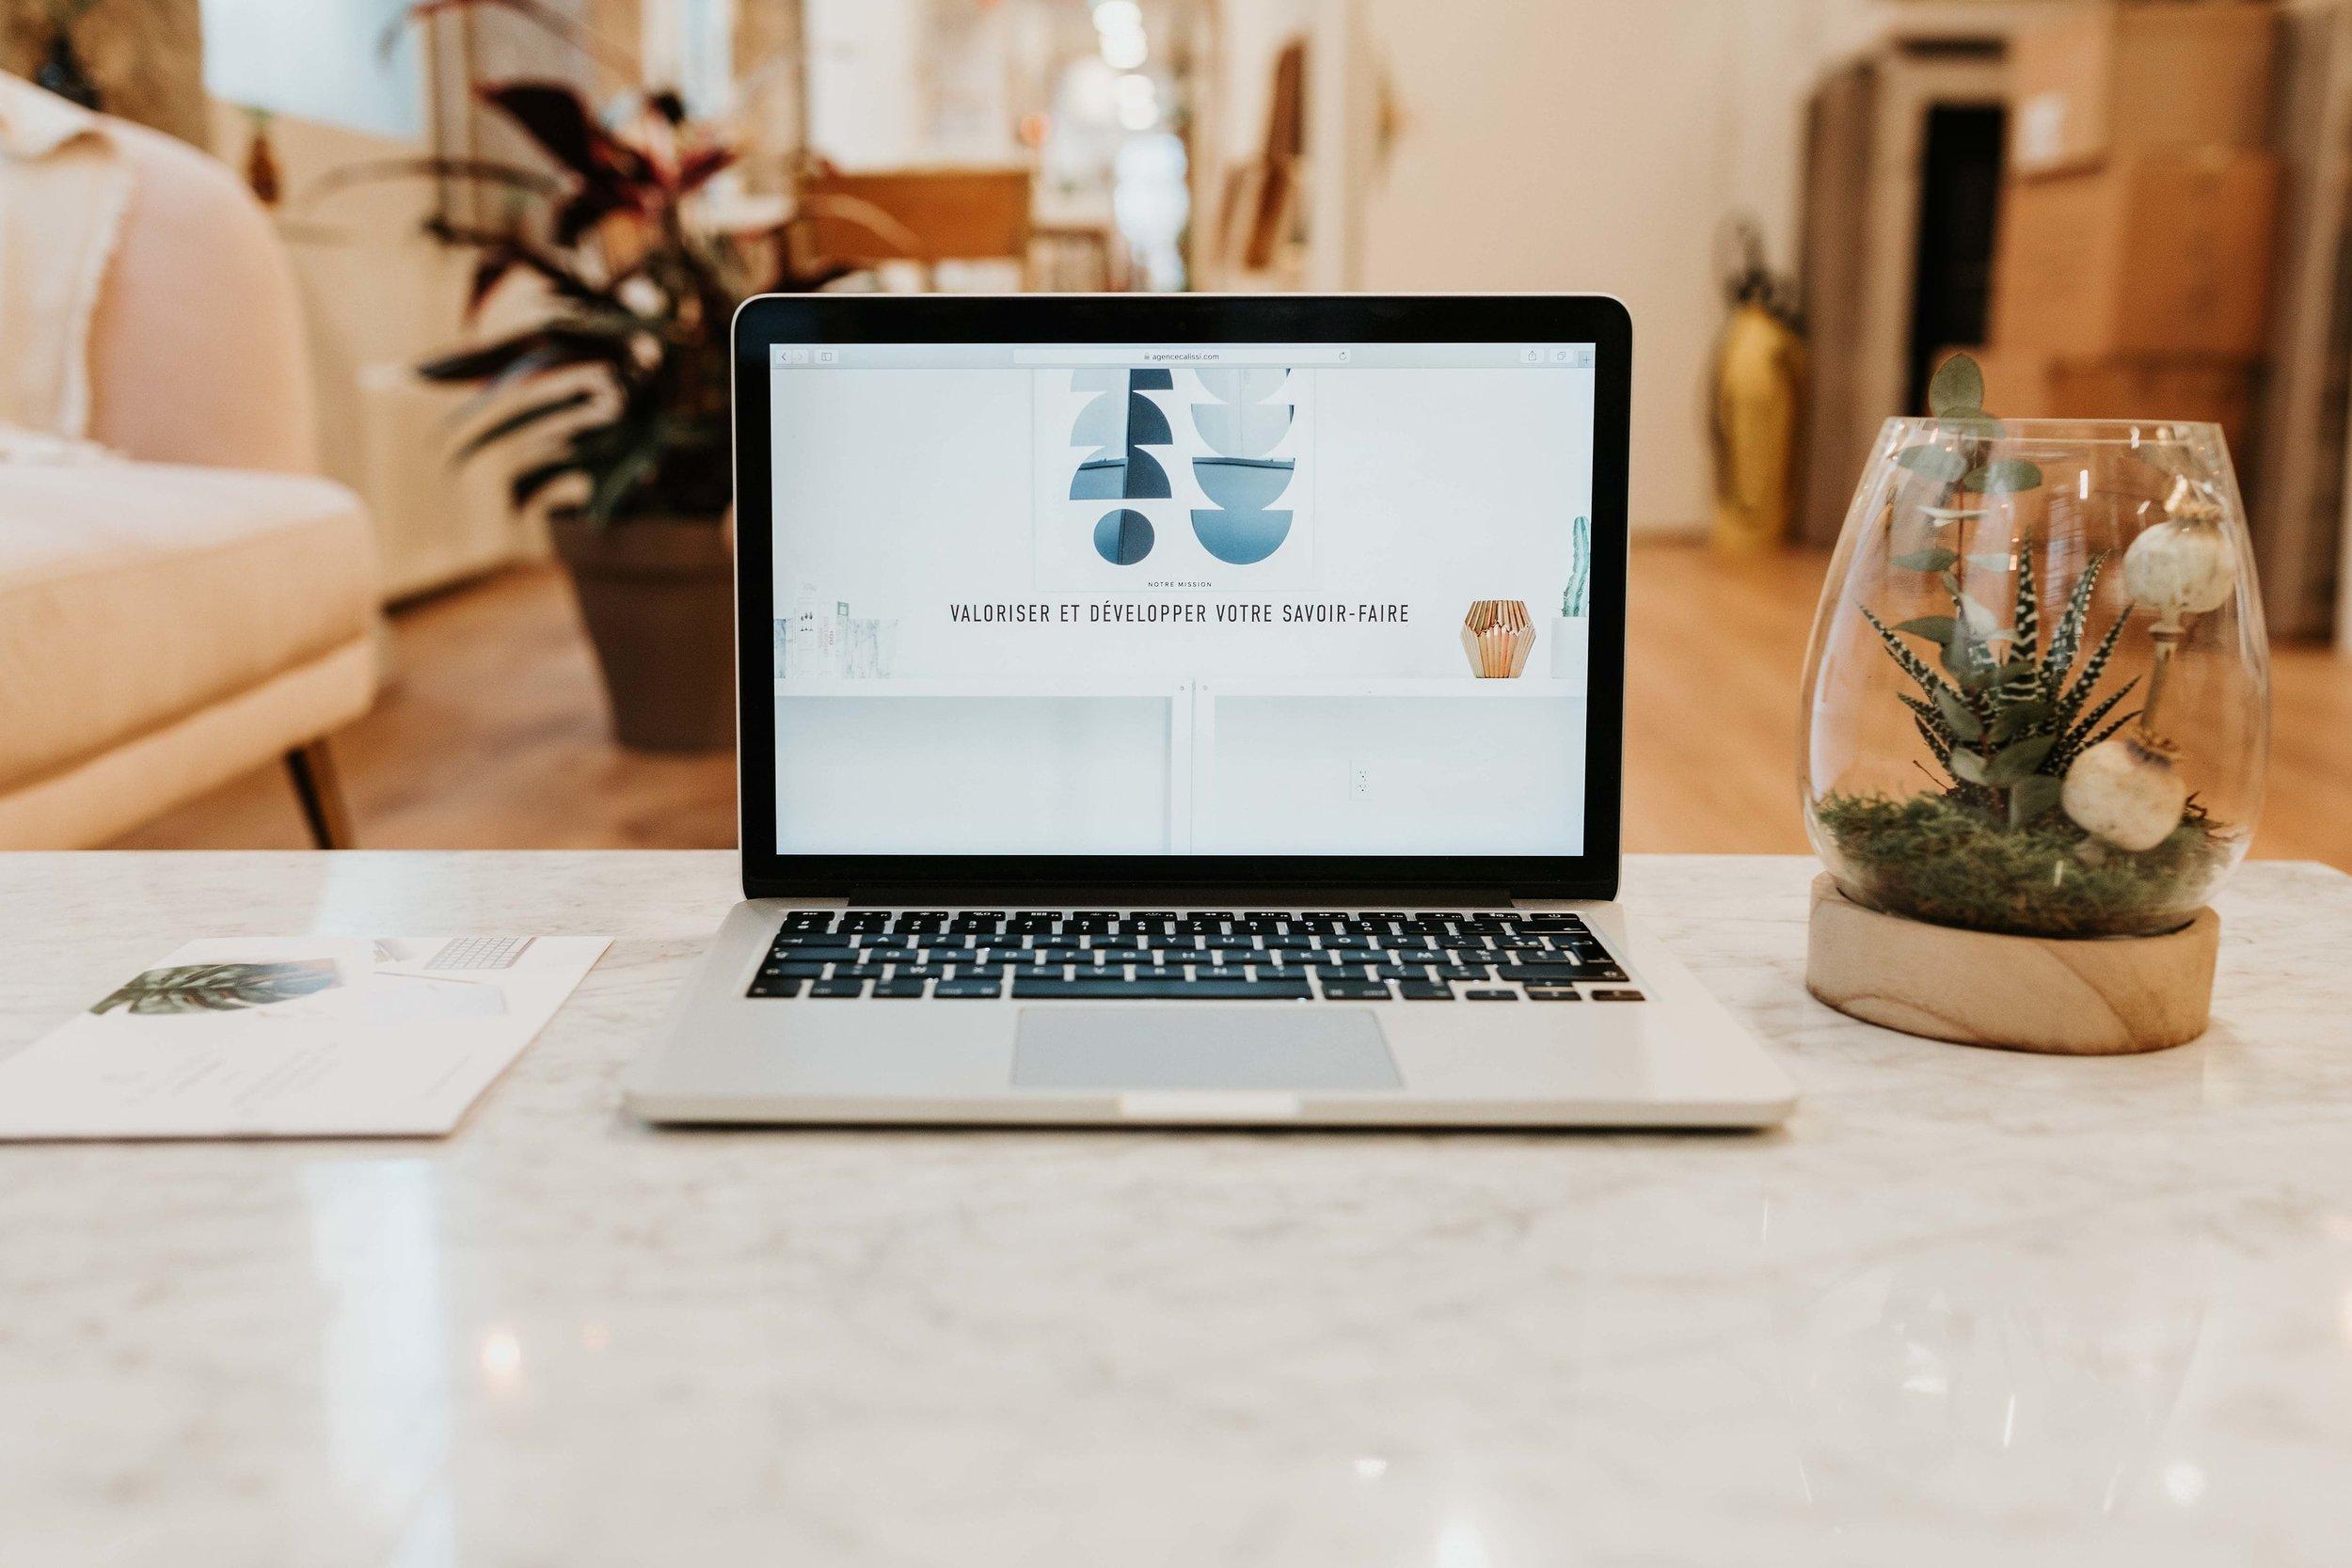 Création site Web - Cahier des charges sur les besoins et les objectifs du site internetConception du site internetAchat nom de domaine 1 an + abonnement 1 an à un CMSOptimisation du contenu pour un référencement naturel de qualitéMise en ligne et formation